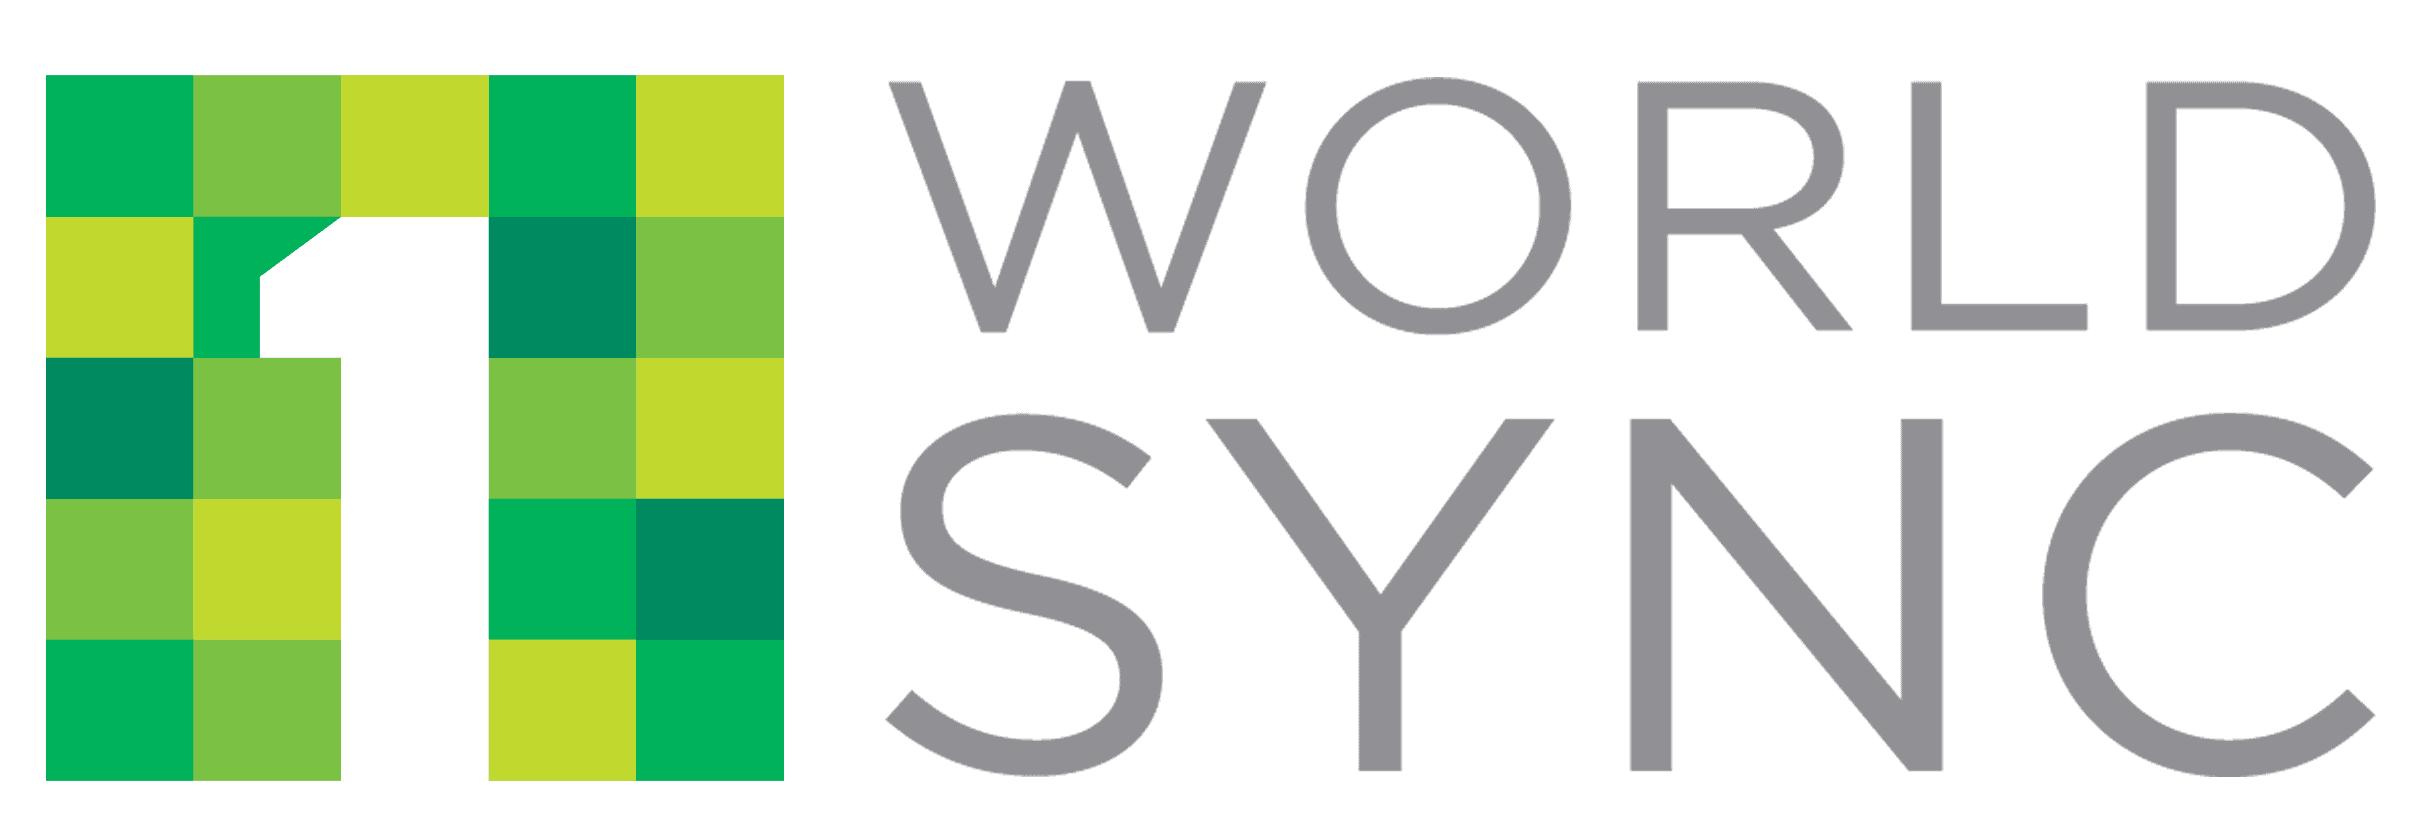 1WS_logo_large